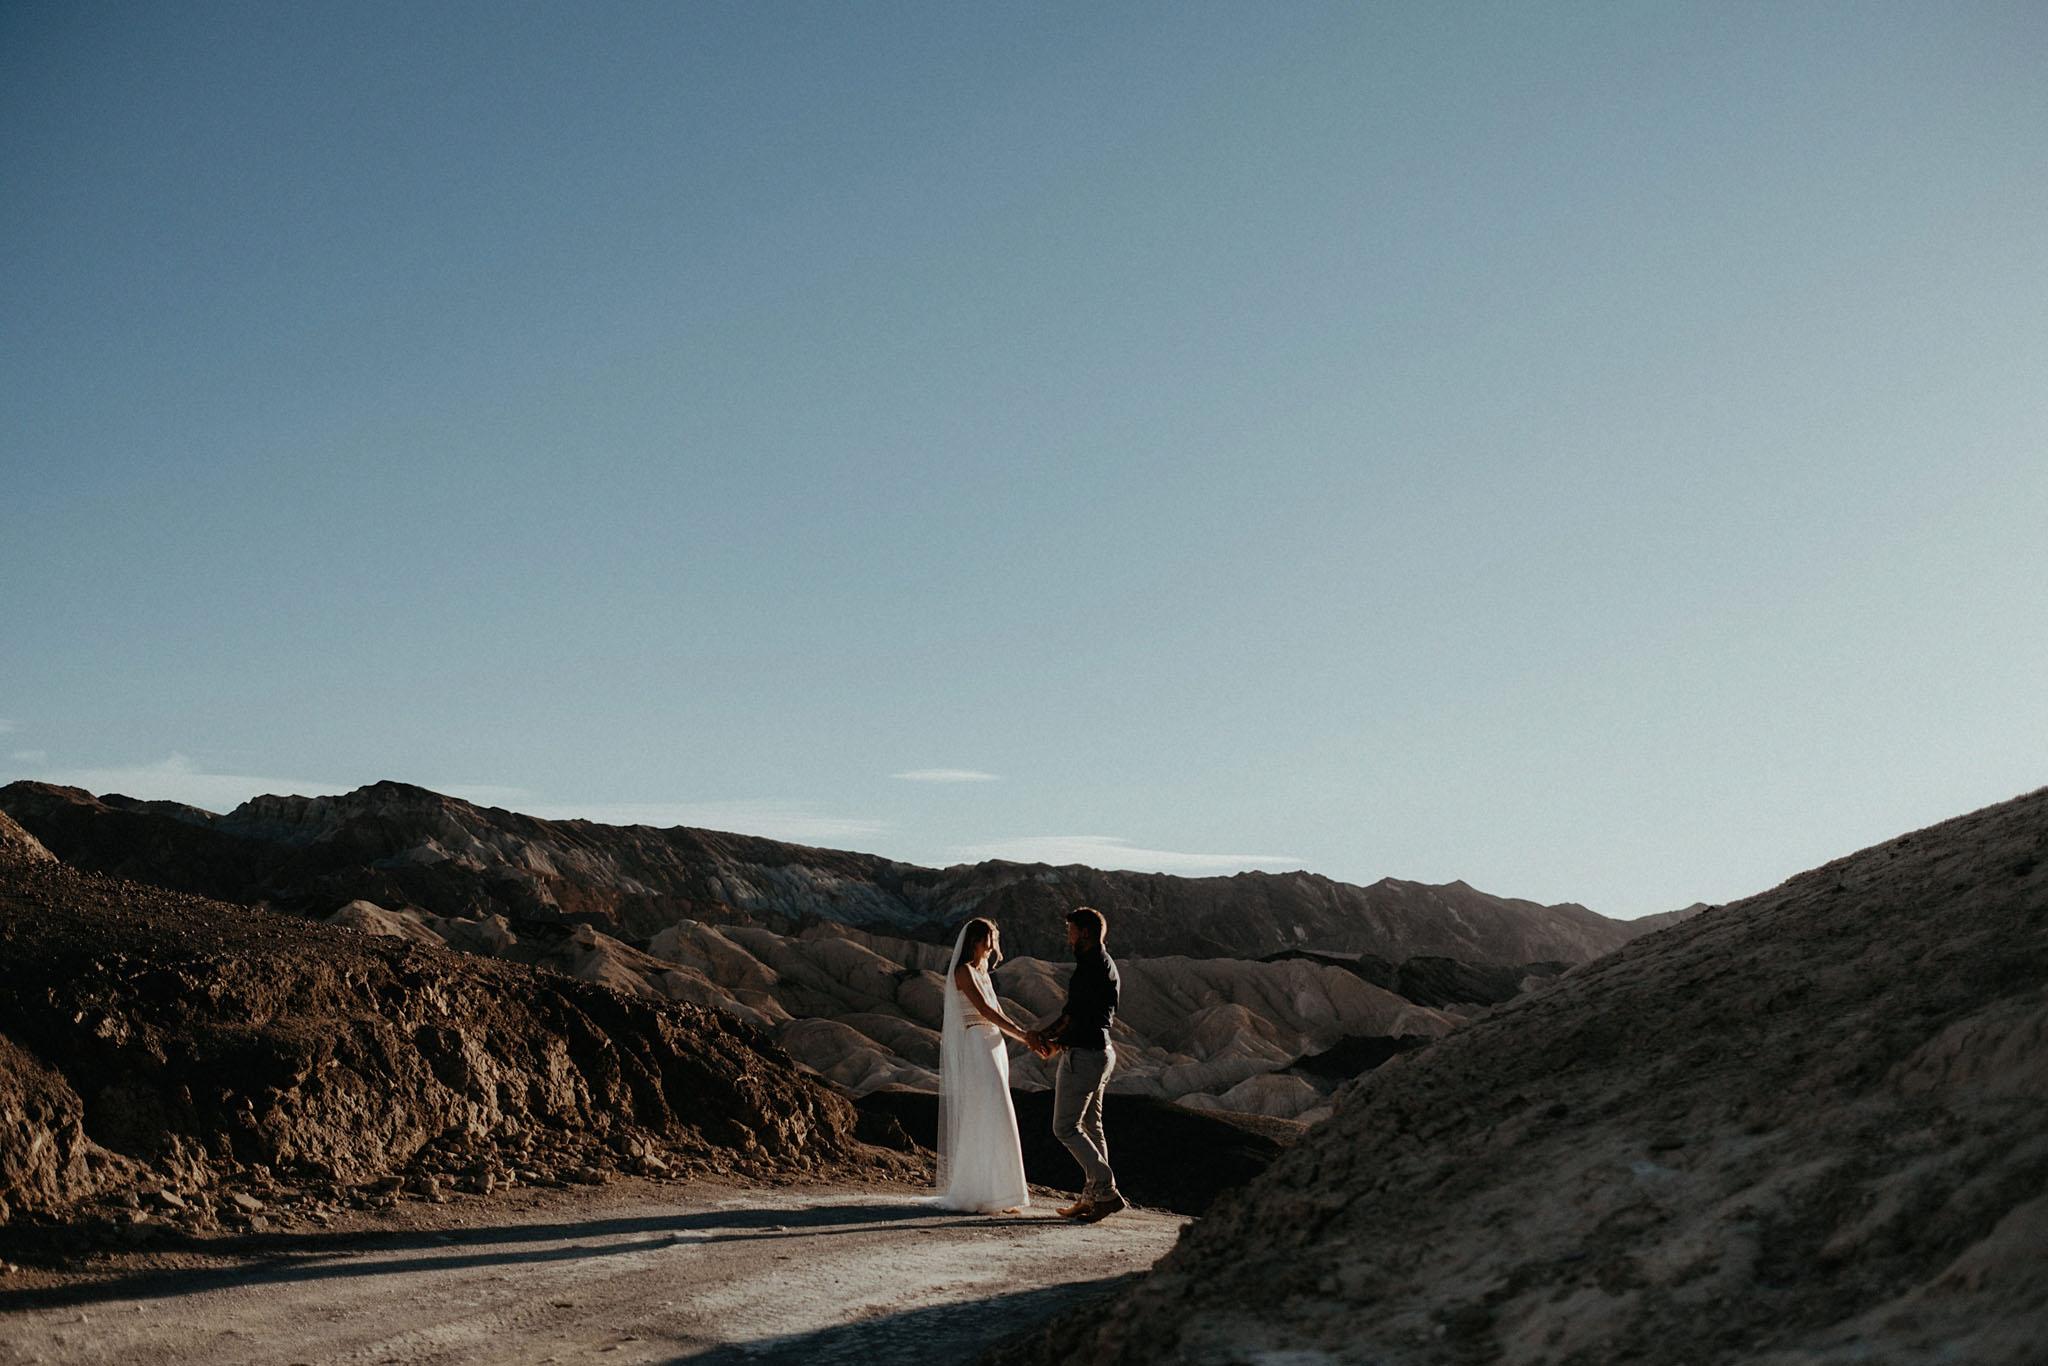 death valley adventure elopement wedding photographer national park couple sunset portrait photo